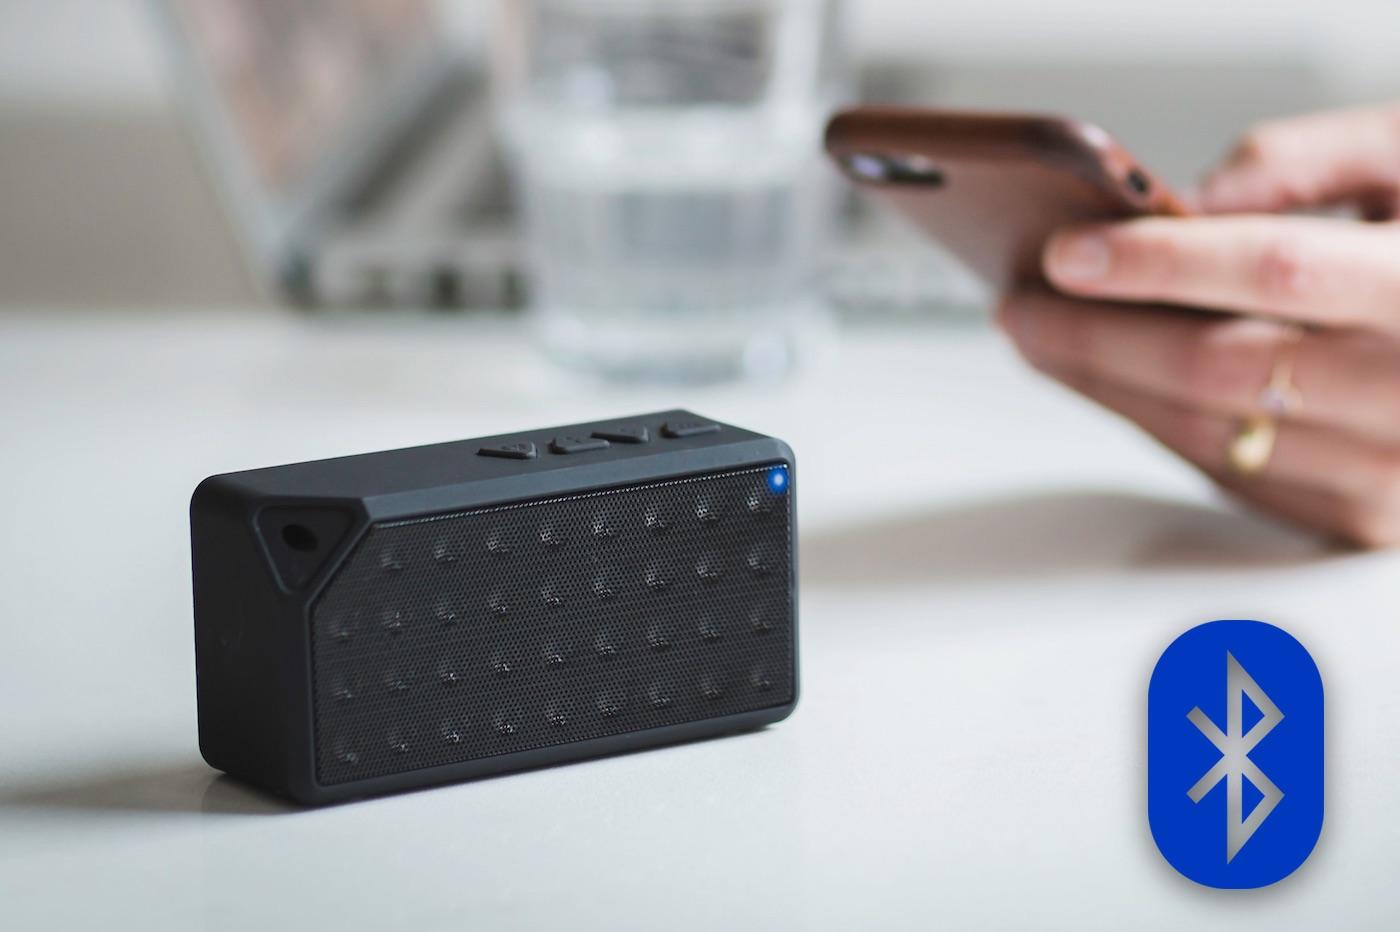 Bluetooth : une faille permet à un pirate de traquer votre iPhone 1